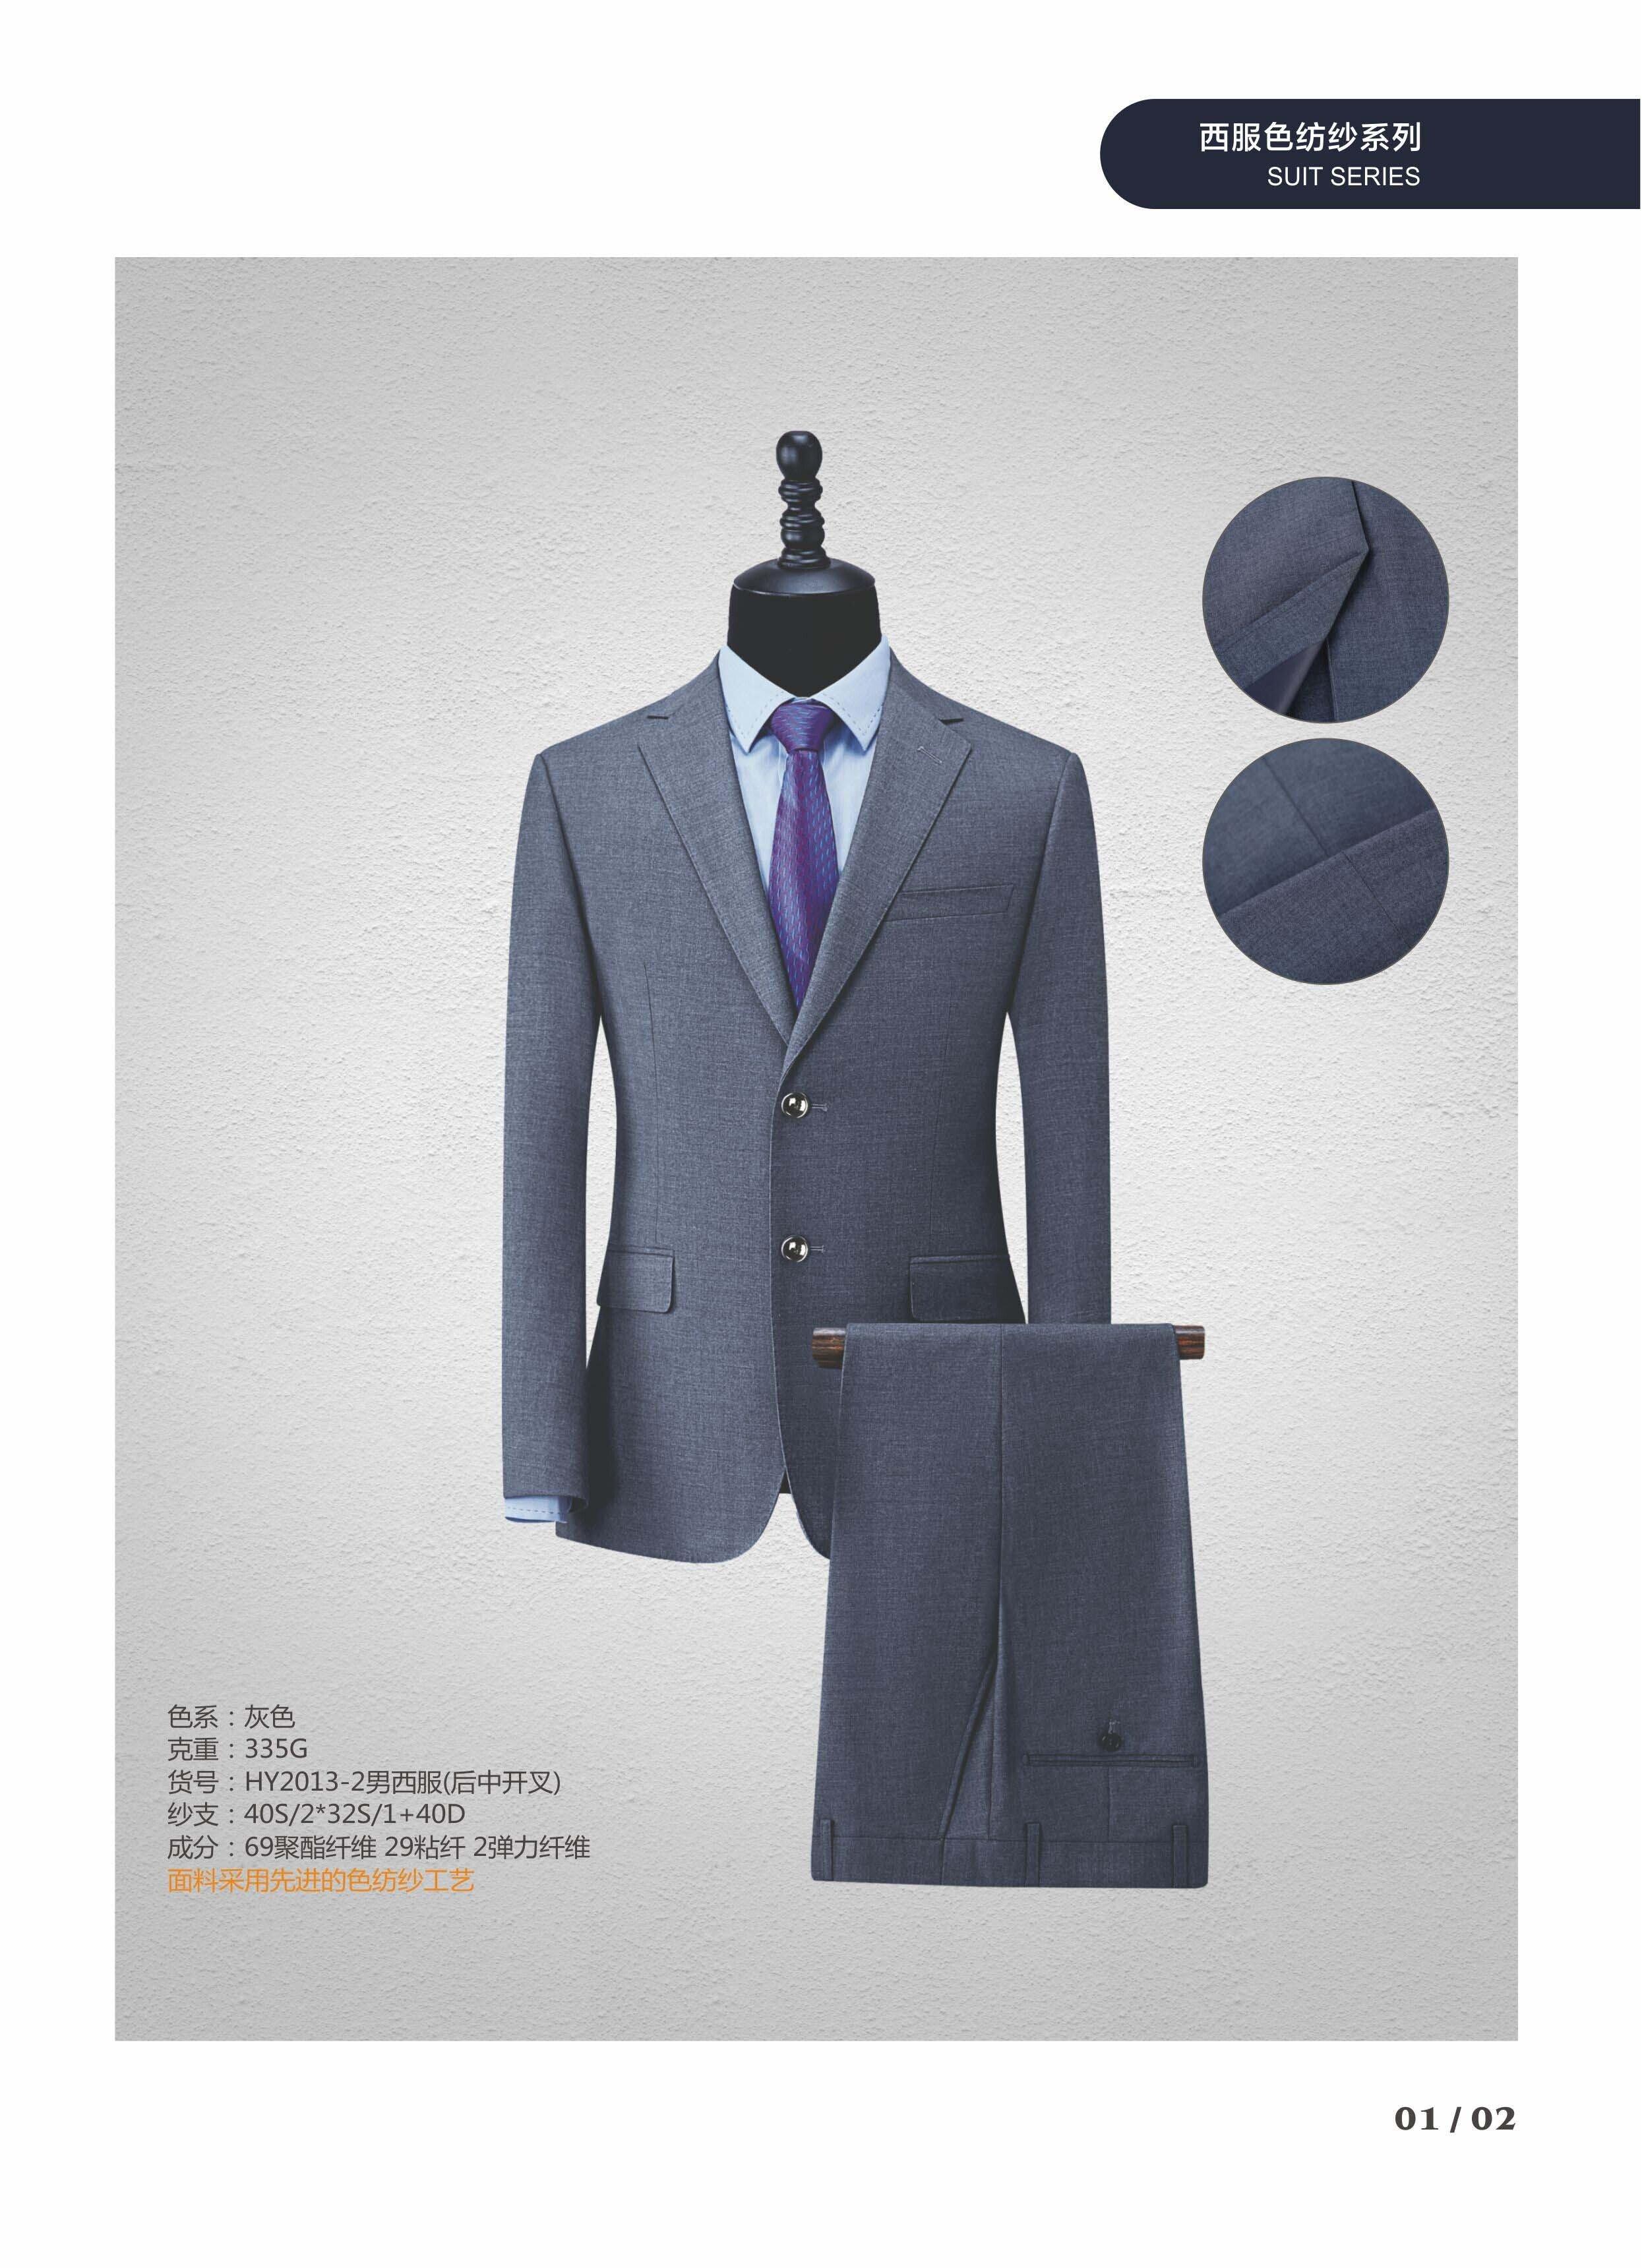 工作制服代表的是什么